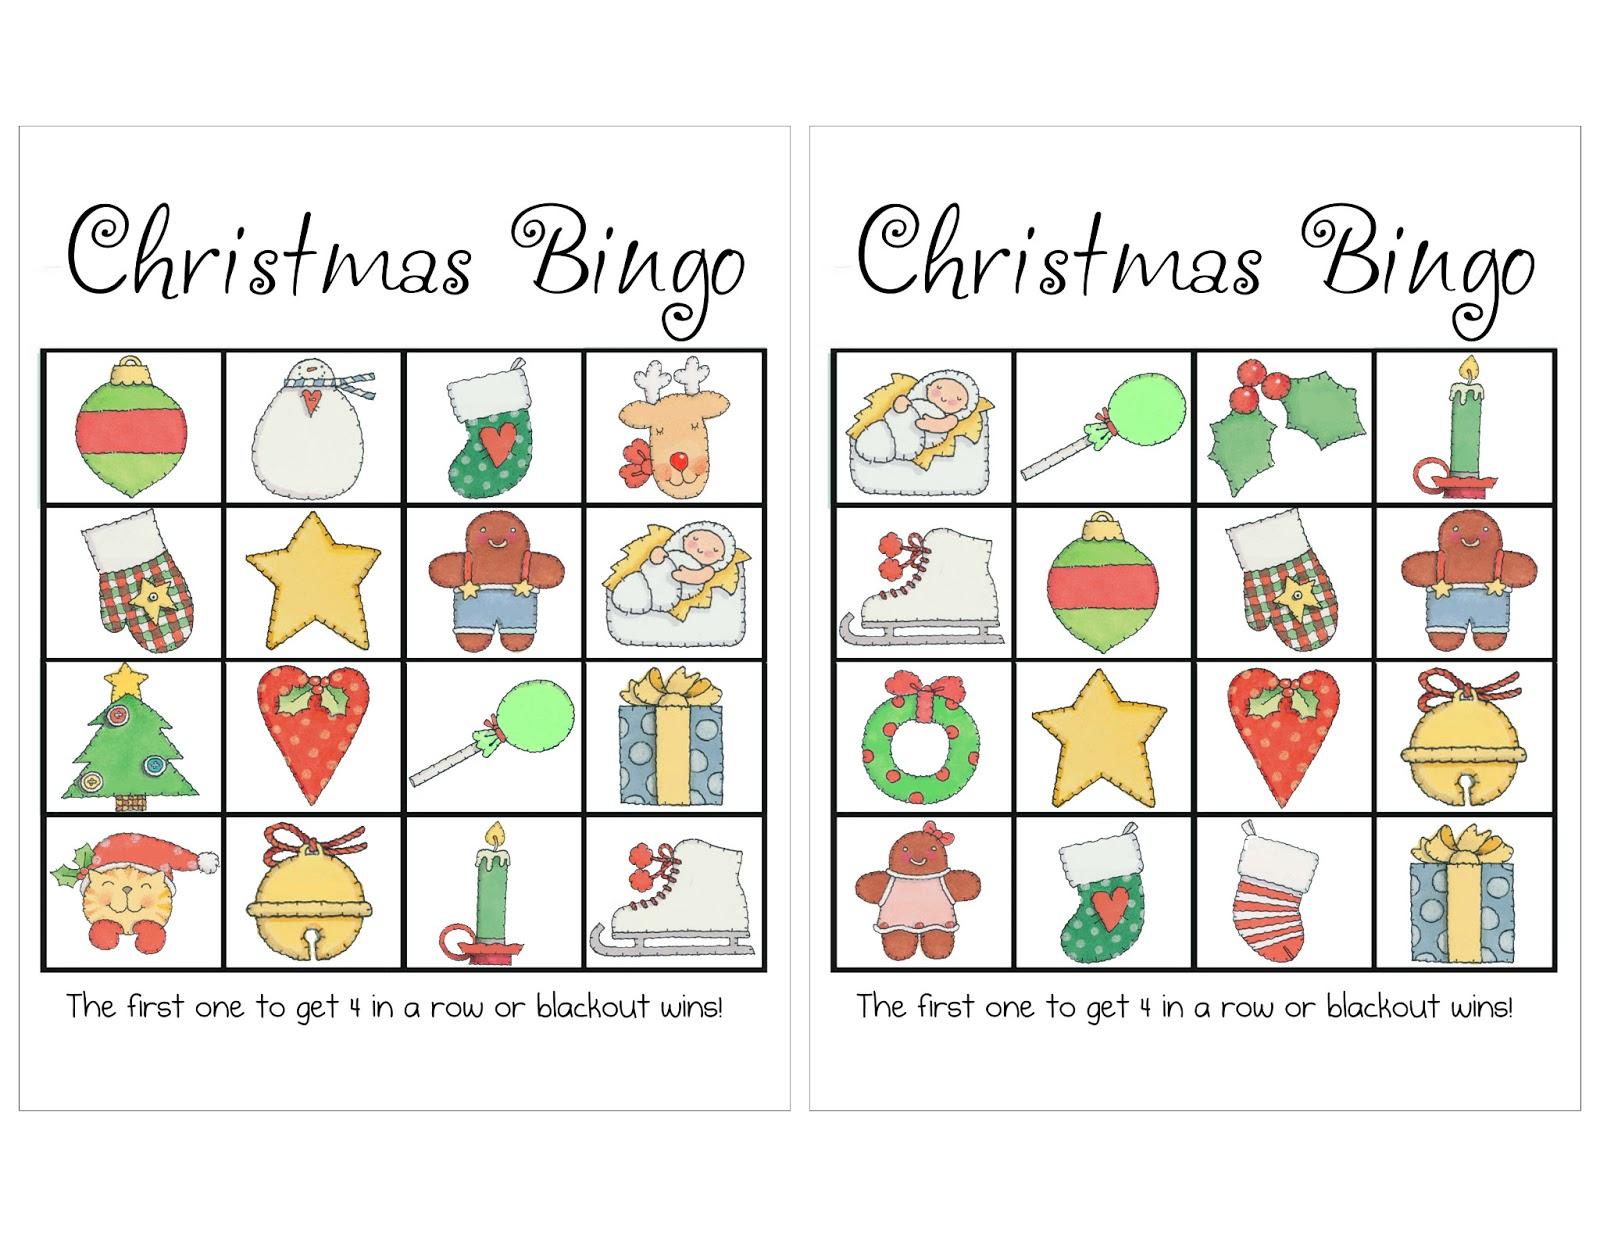 Christmas Bingo Christmas bingo